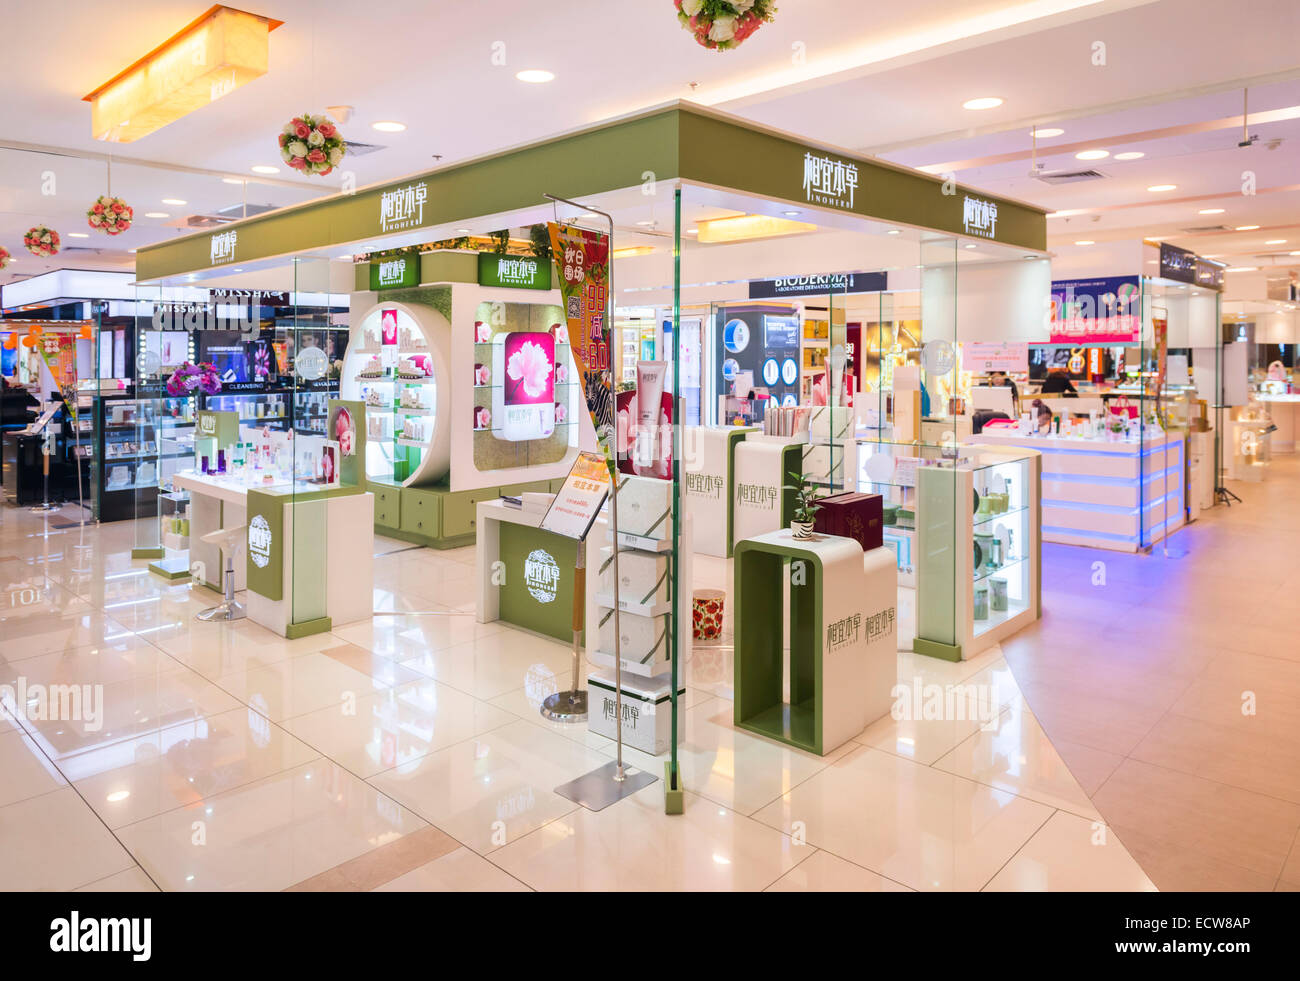 Shanghai Inoherb Kosmetik und Make-up speichern Display in einem Einkaufszentrum in Xi ' an, Shaanxi, China Stockbild